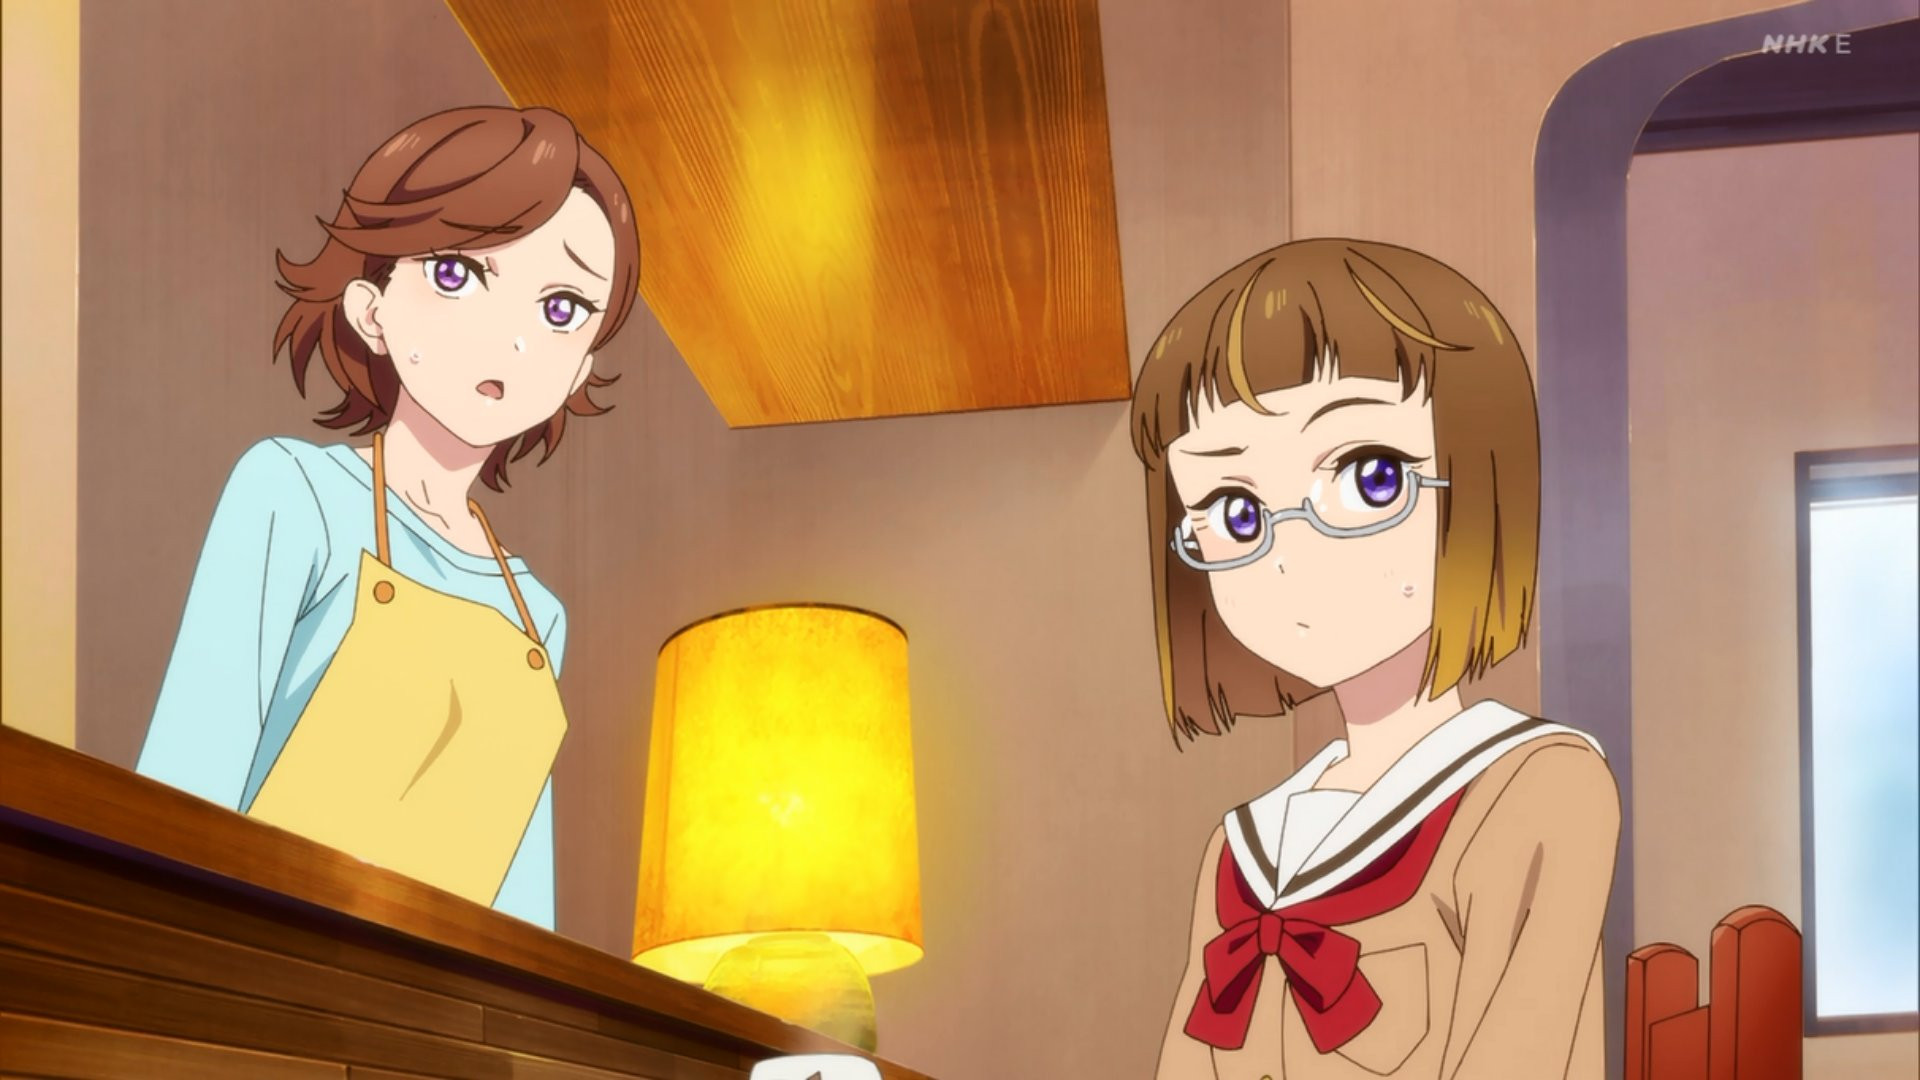 雪穂 亜里沙 理亞 遥 ありあ いらっしゃいませ お姉ちゃん この妹カフェ 誰選ぶ ラブライブ ラブライブ まとめちゃんねる